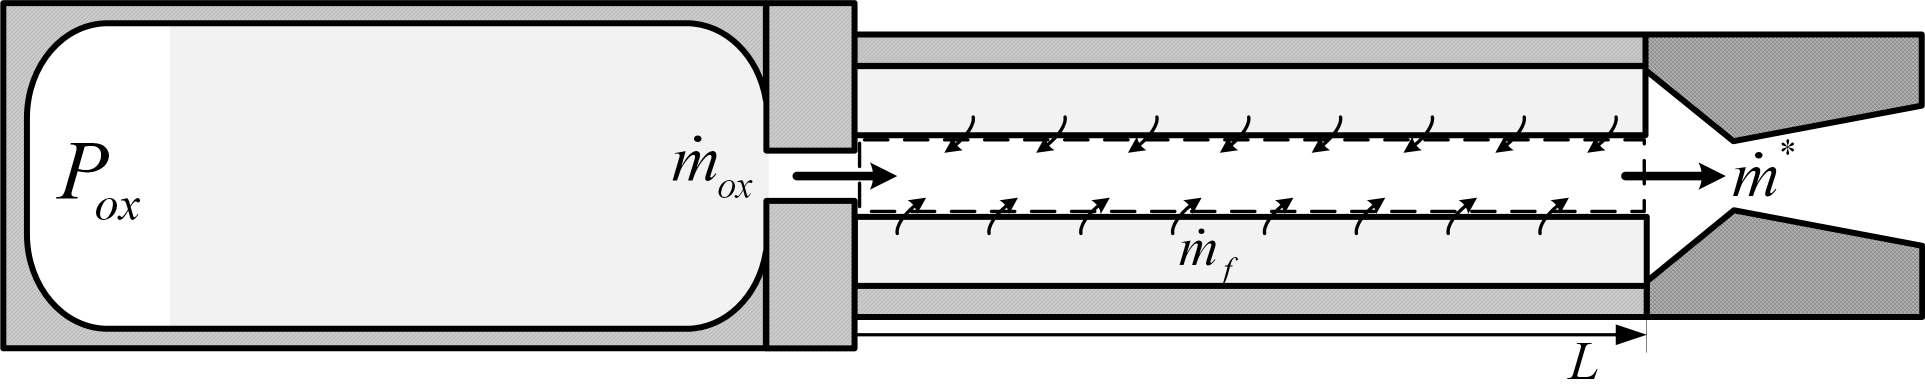 Blow-down 공급방식 하이브리드 로켓 모터 개략도